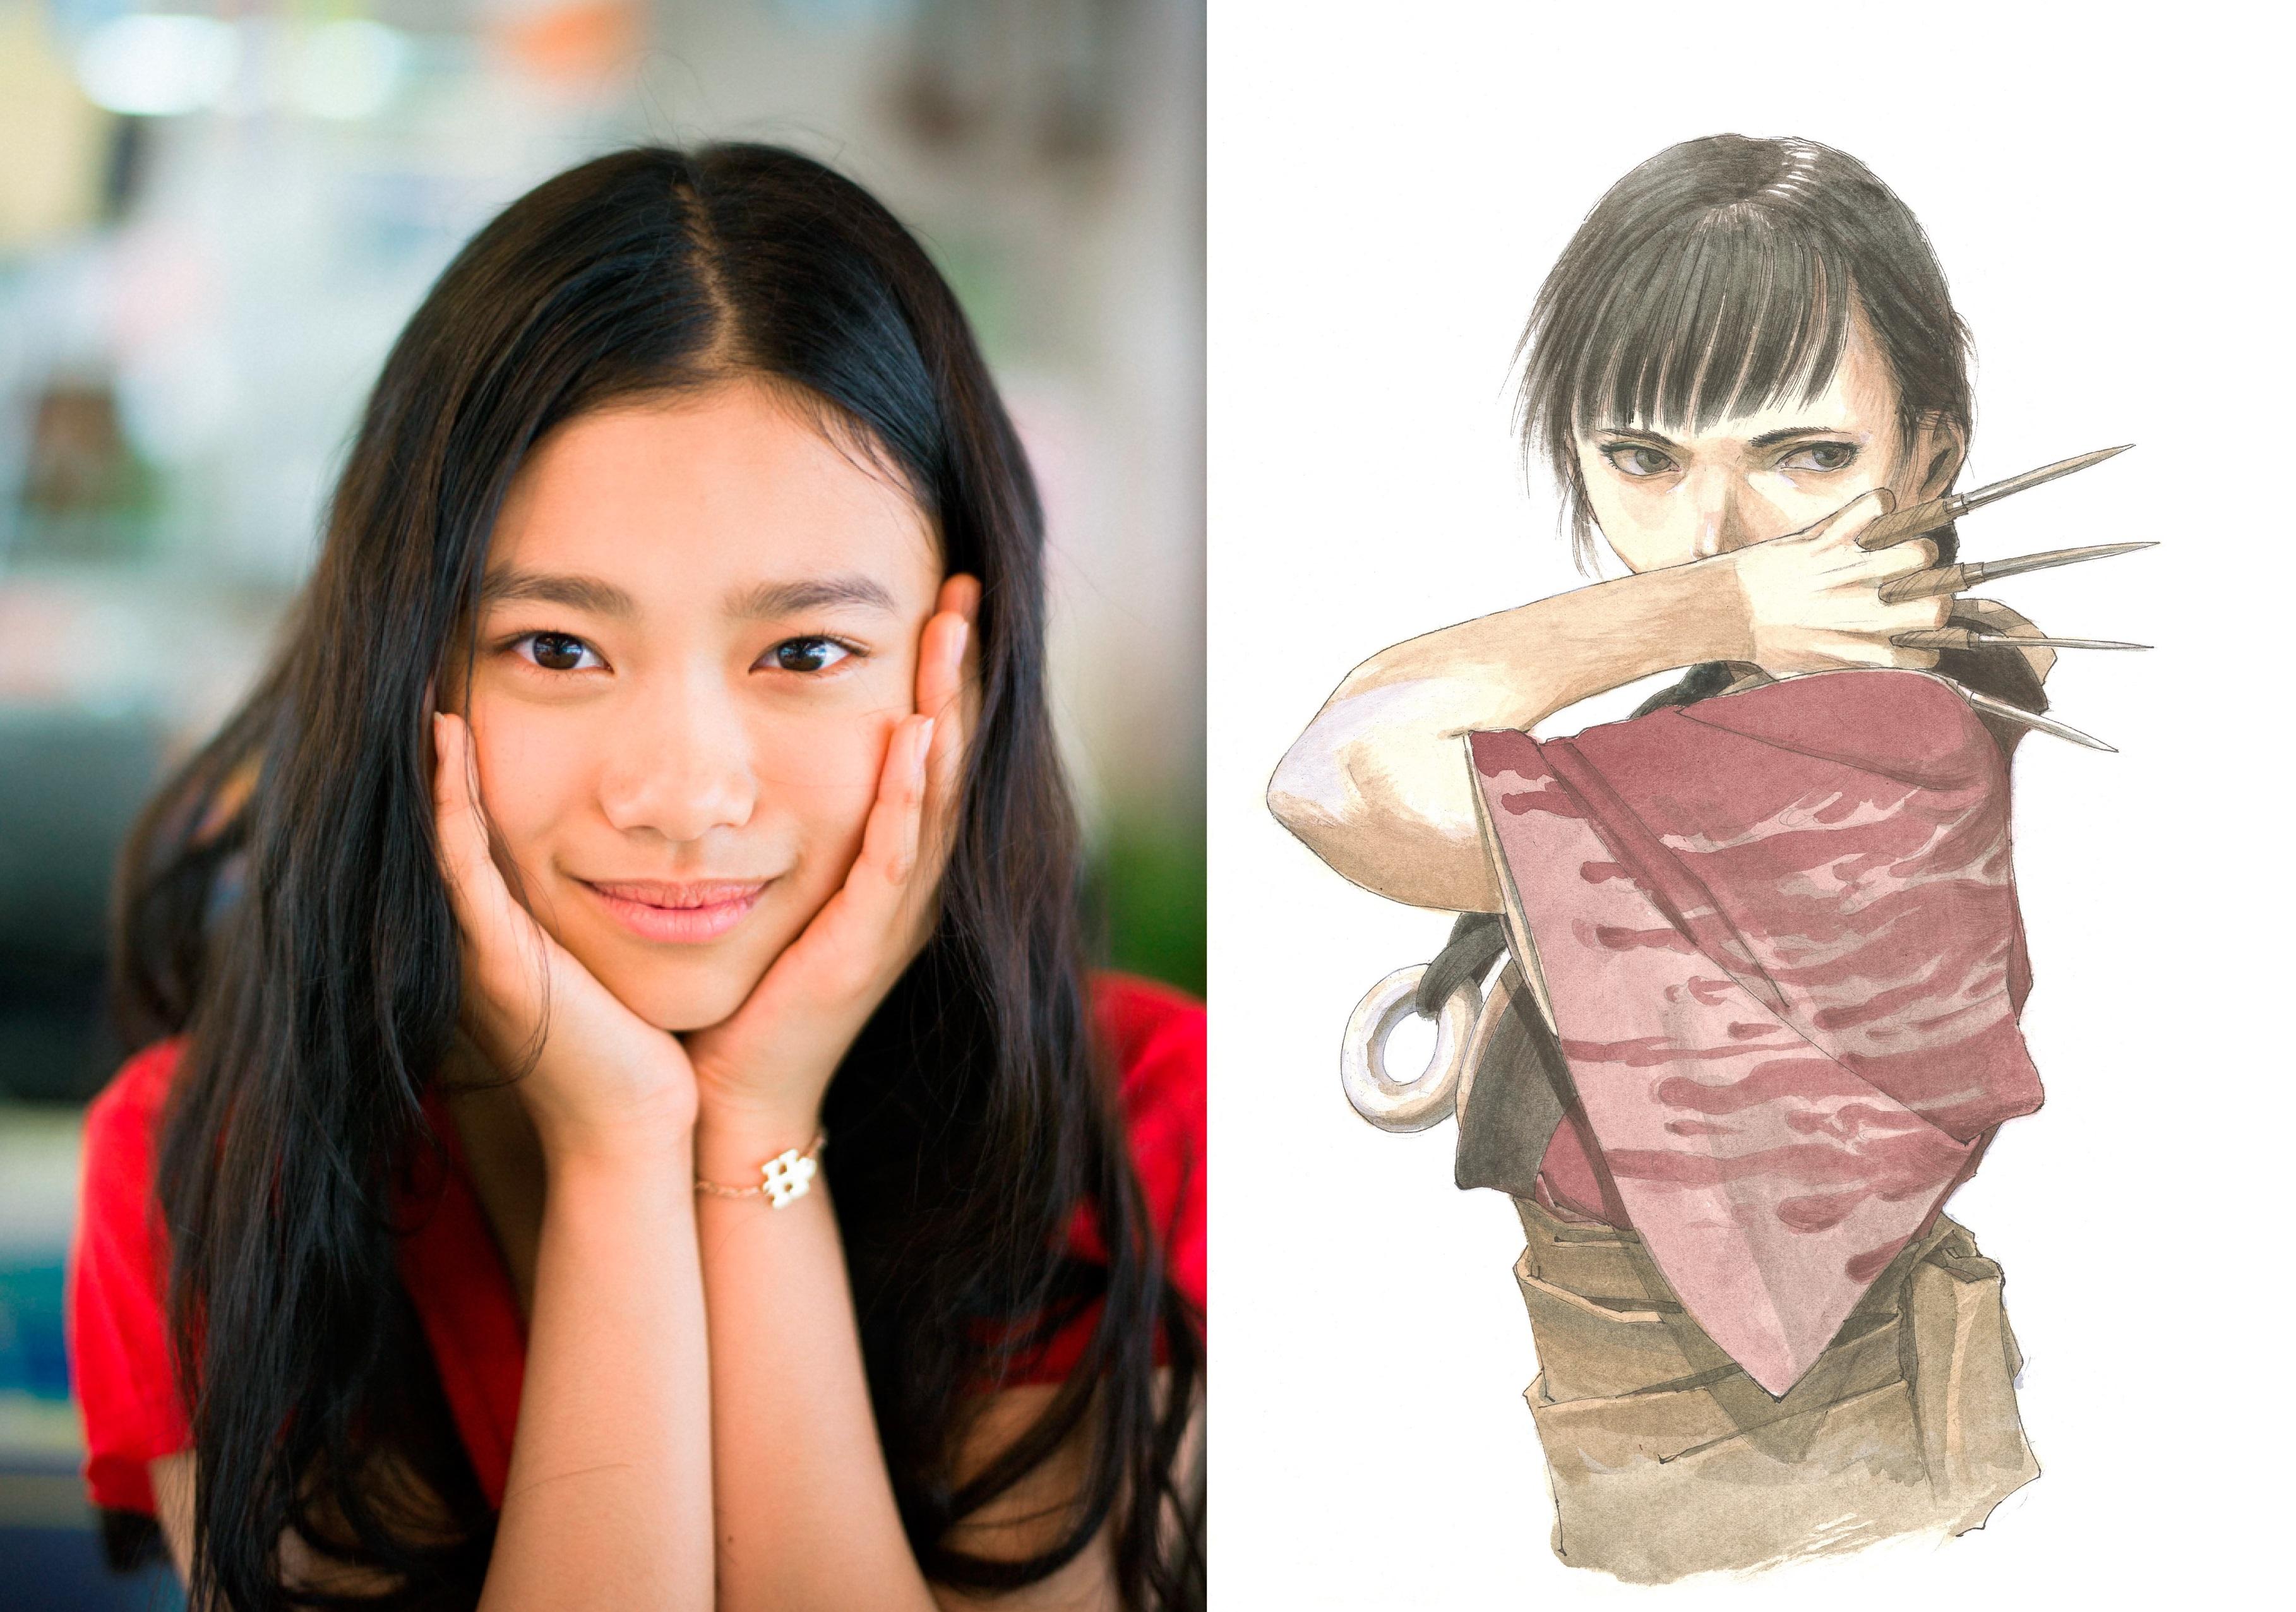 【ワーナー公式】ニュース 木村拓哉主演作『無限の住人』ヒロイン役に、いま最注目女優・杉咲花さんが抜擢!